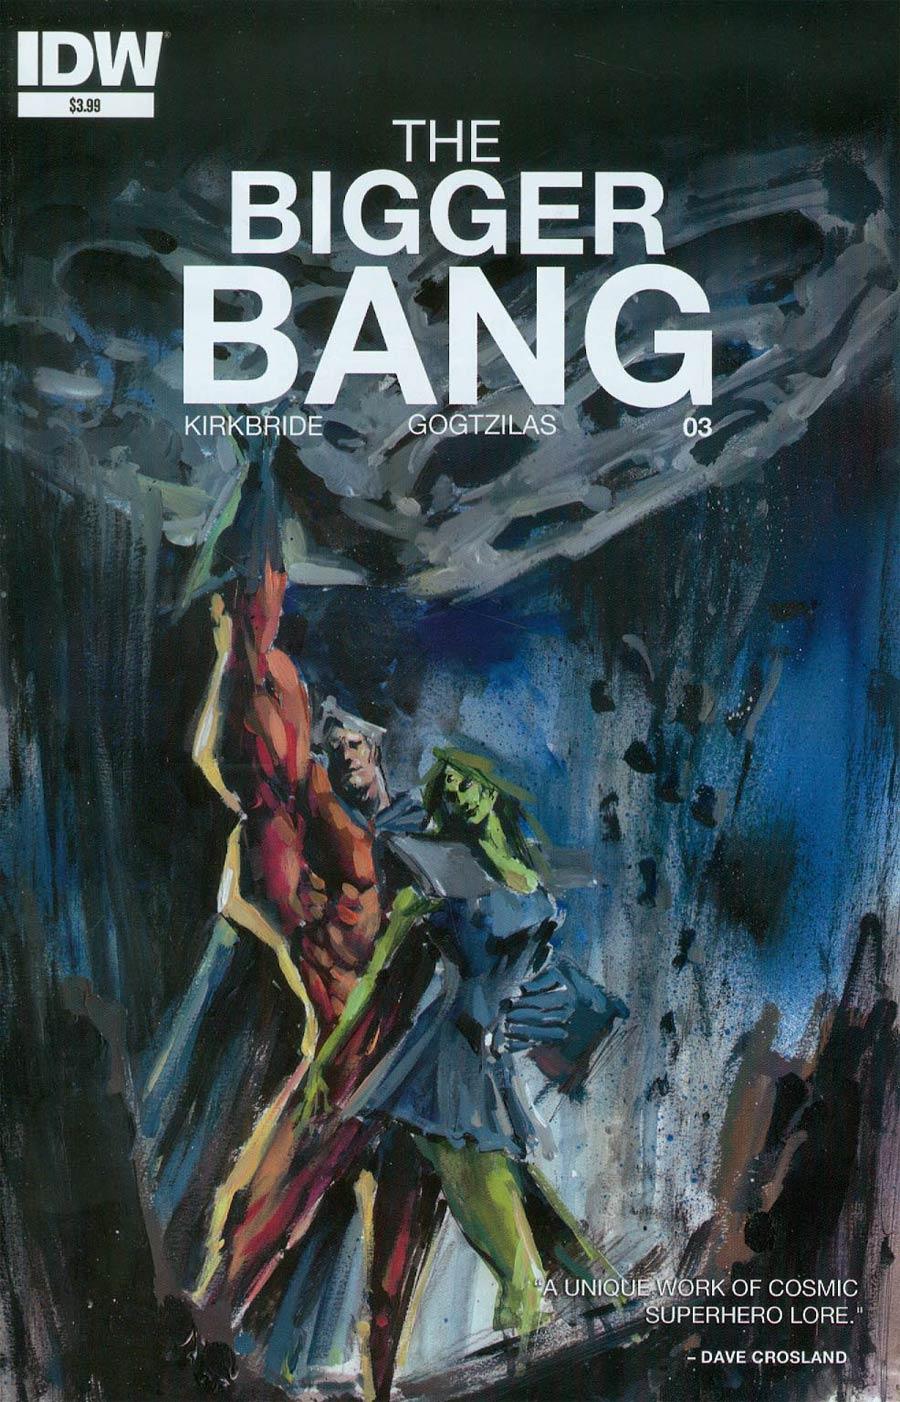 Bigger Bang #3